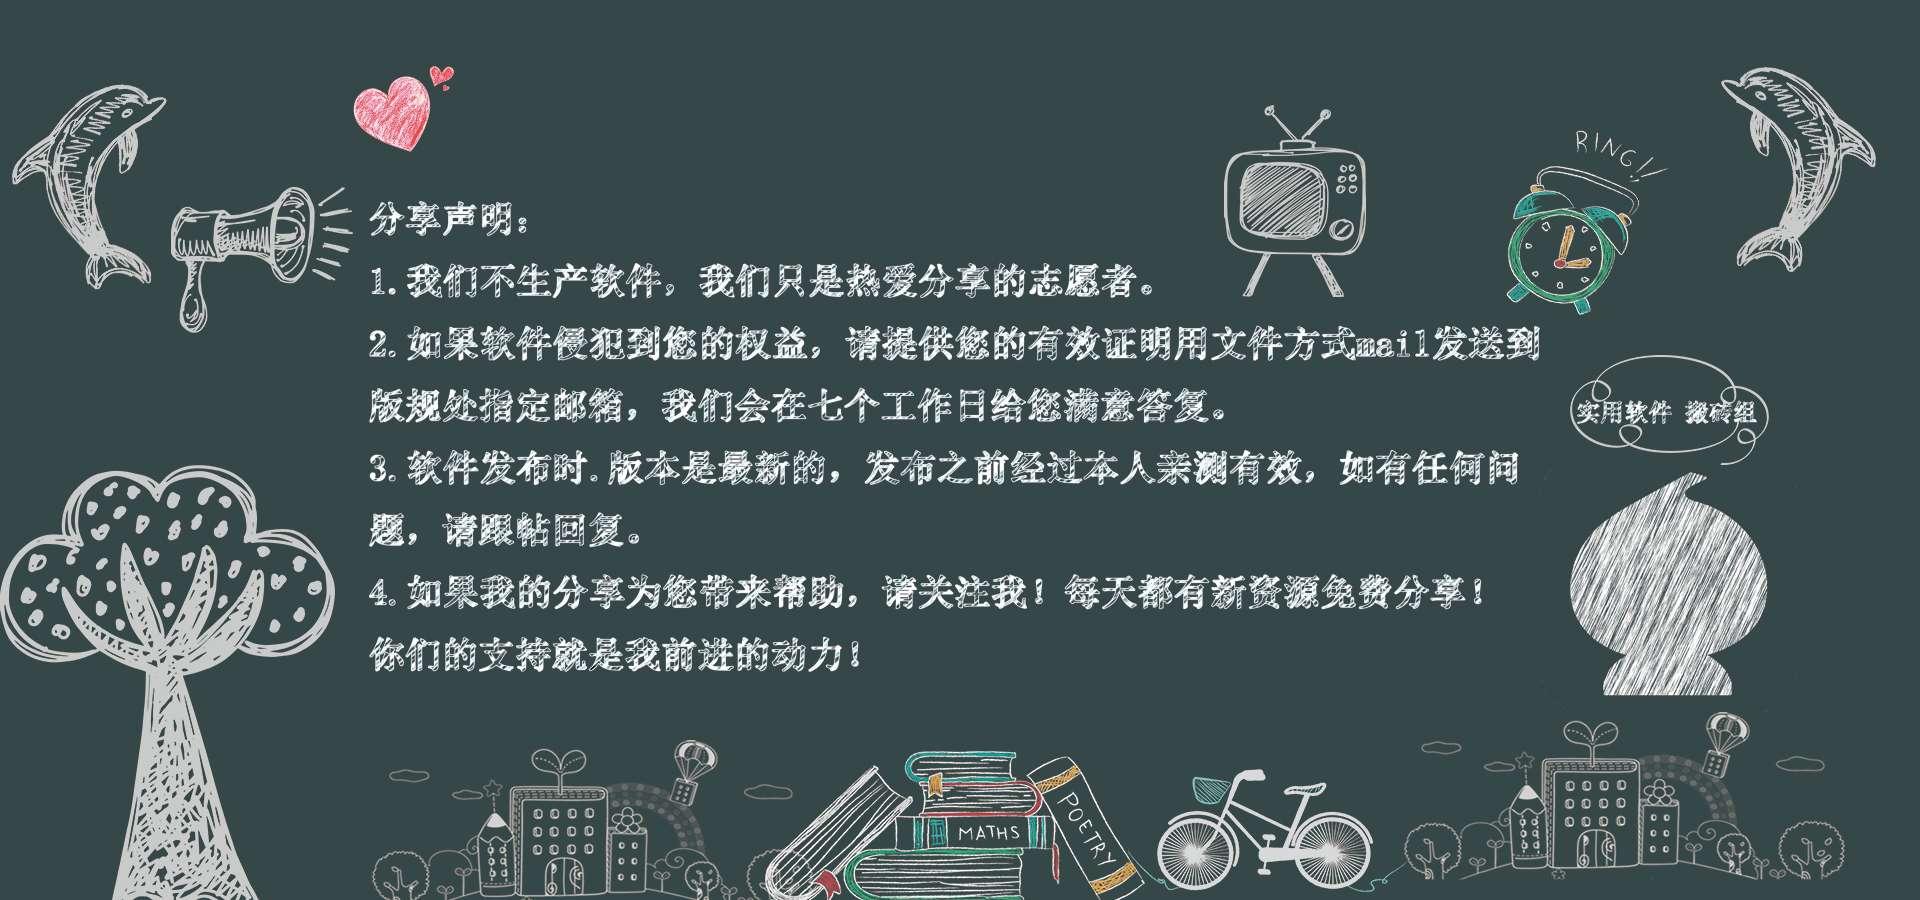 【资源分享】天翼云盘 v8.3.4 修改版-爱小助